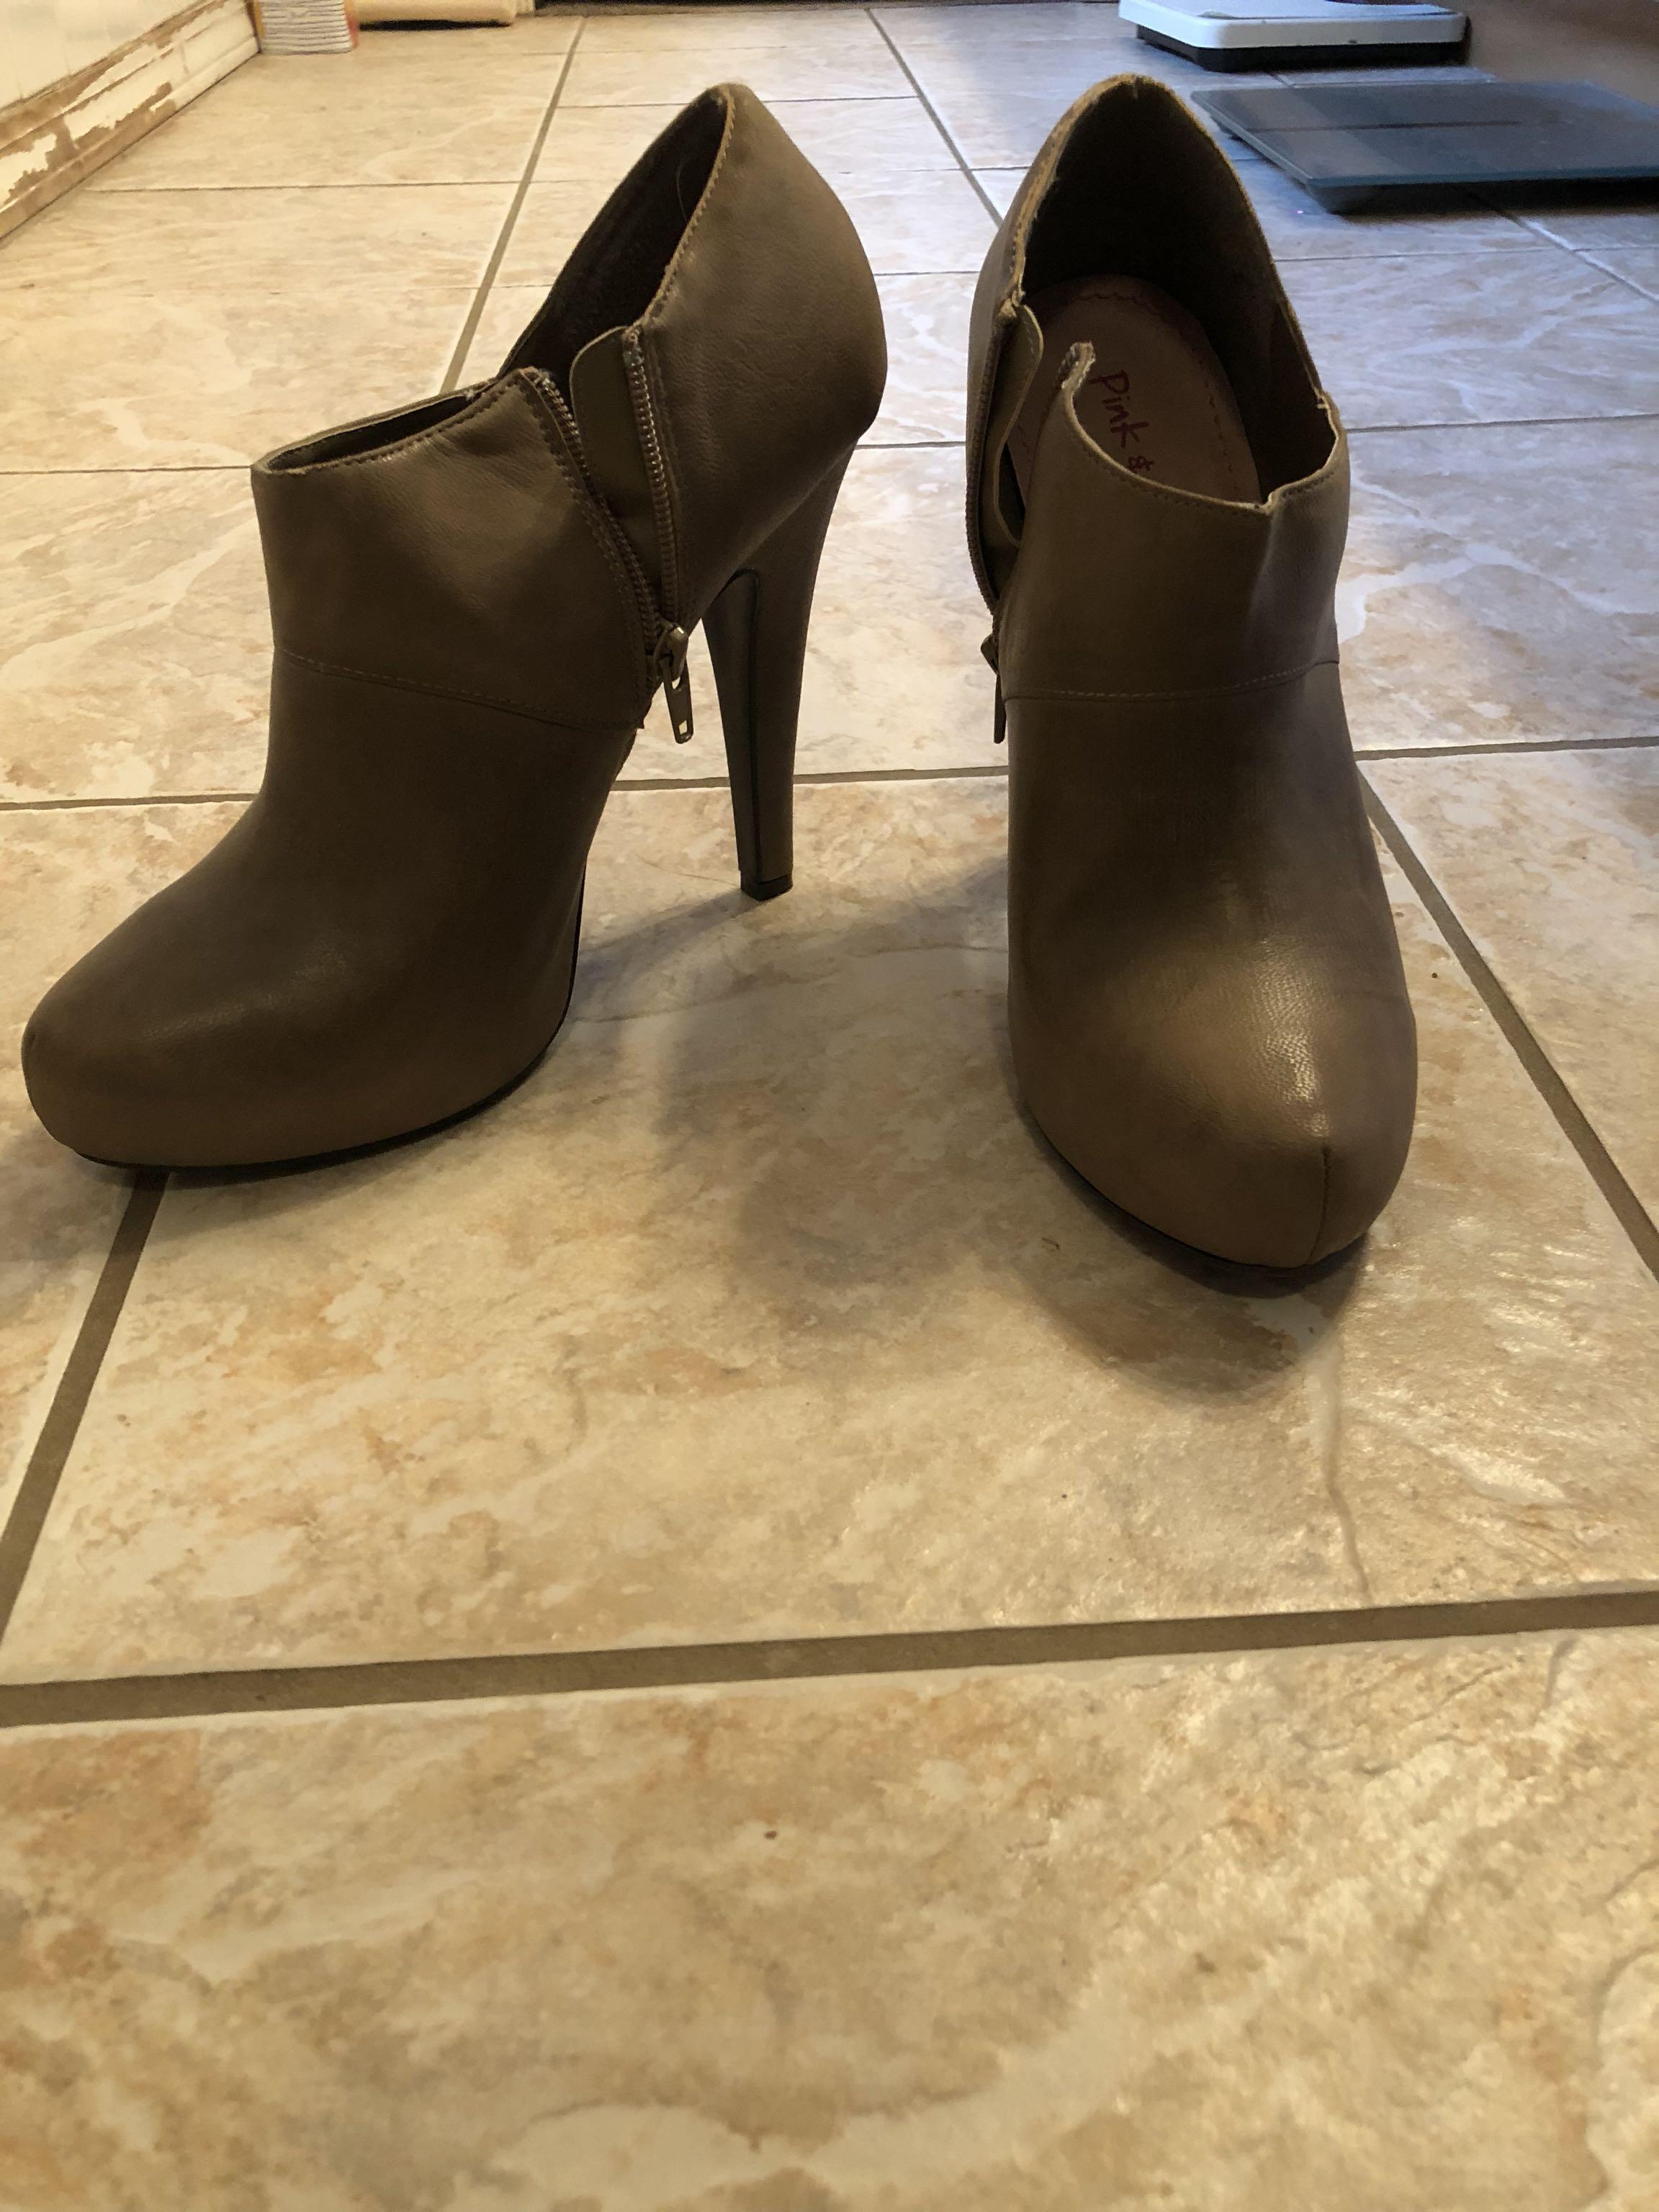 Women's booties. Gently worn. Size 10